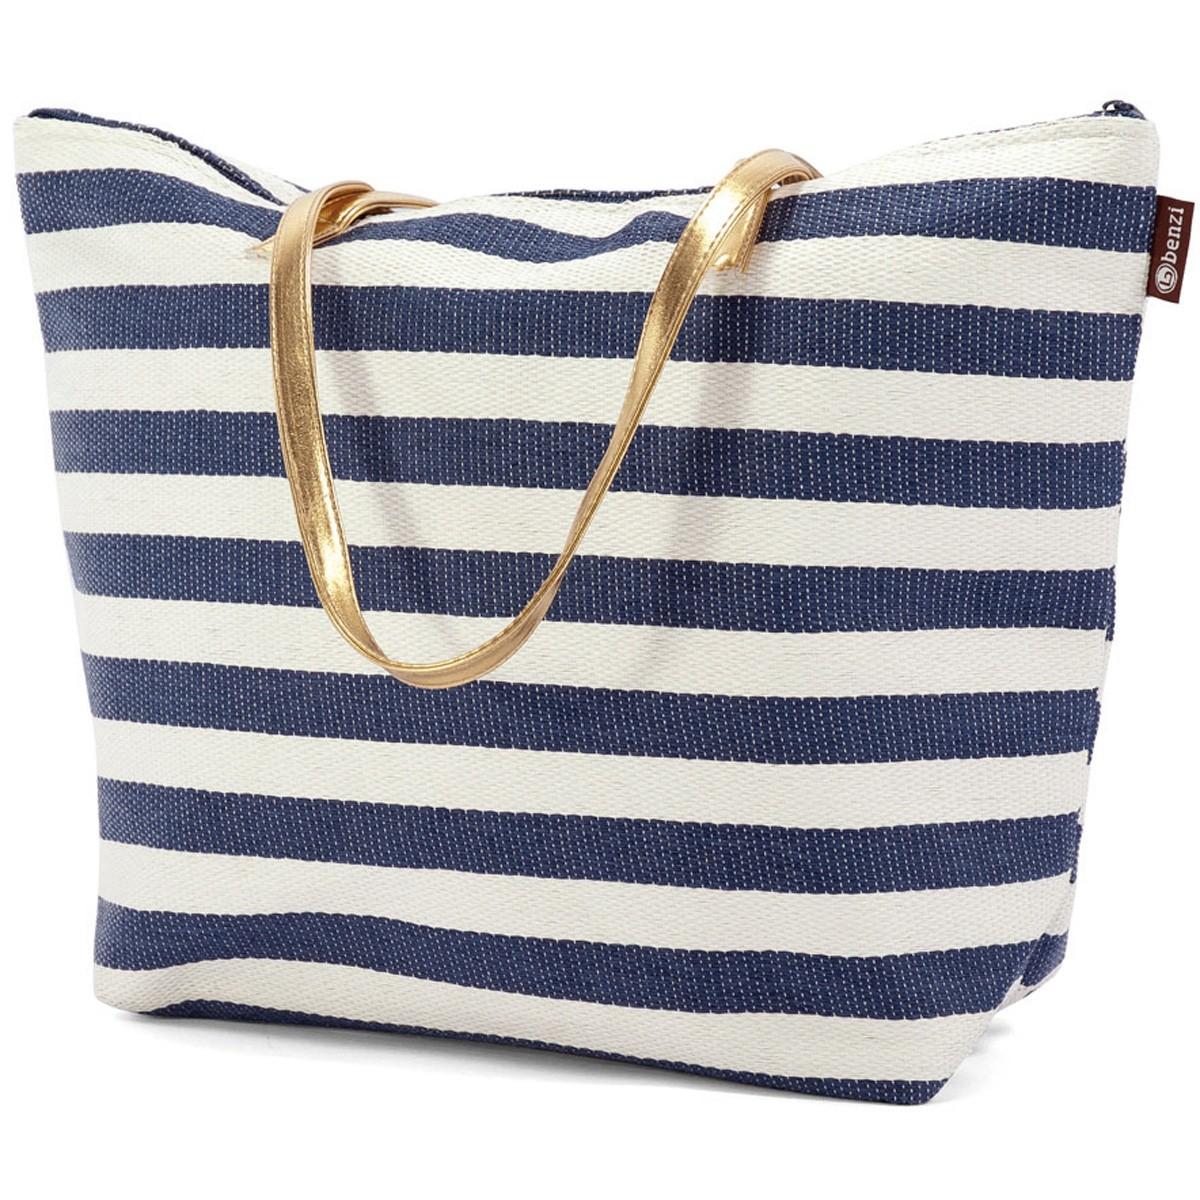 Τσάντα Παραλίας Benzi 4809 Blue